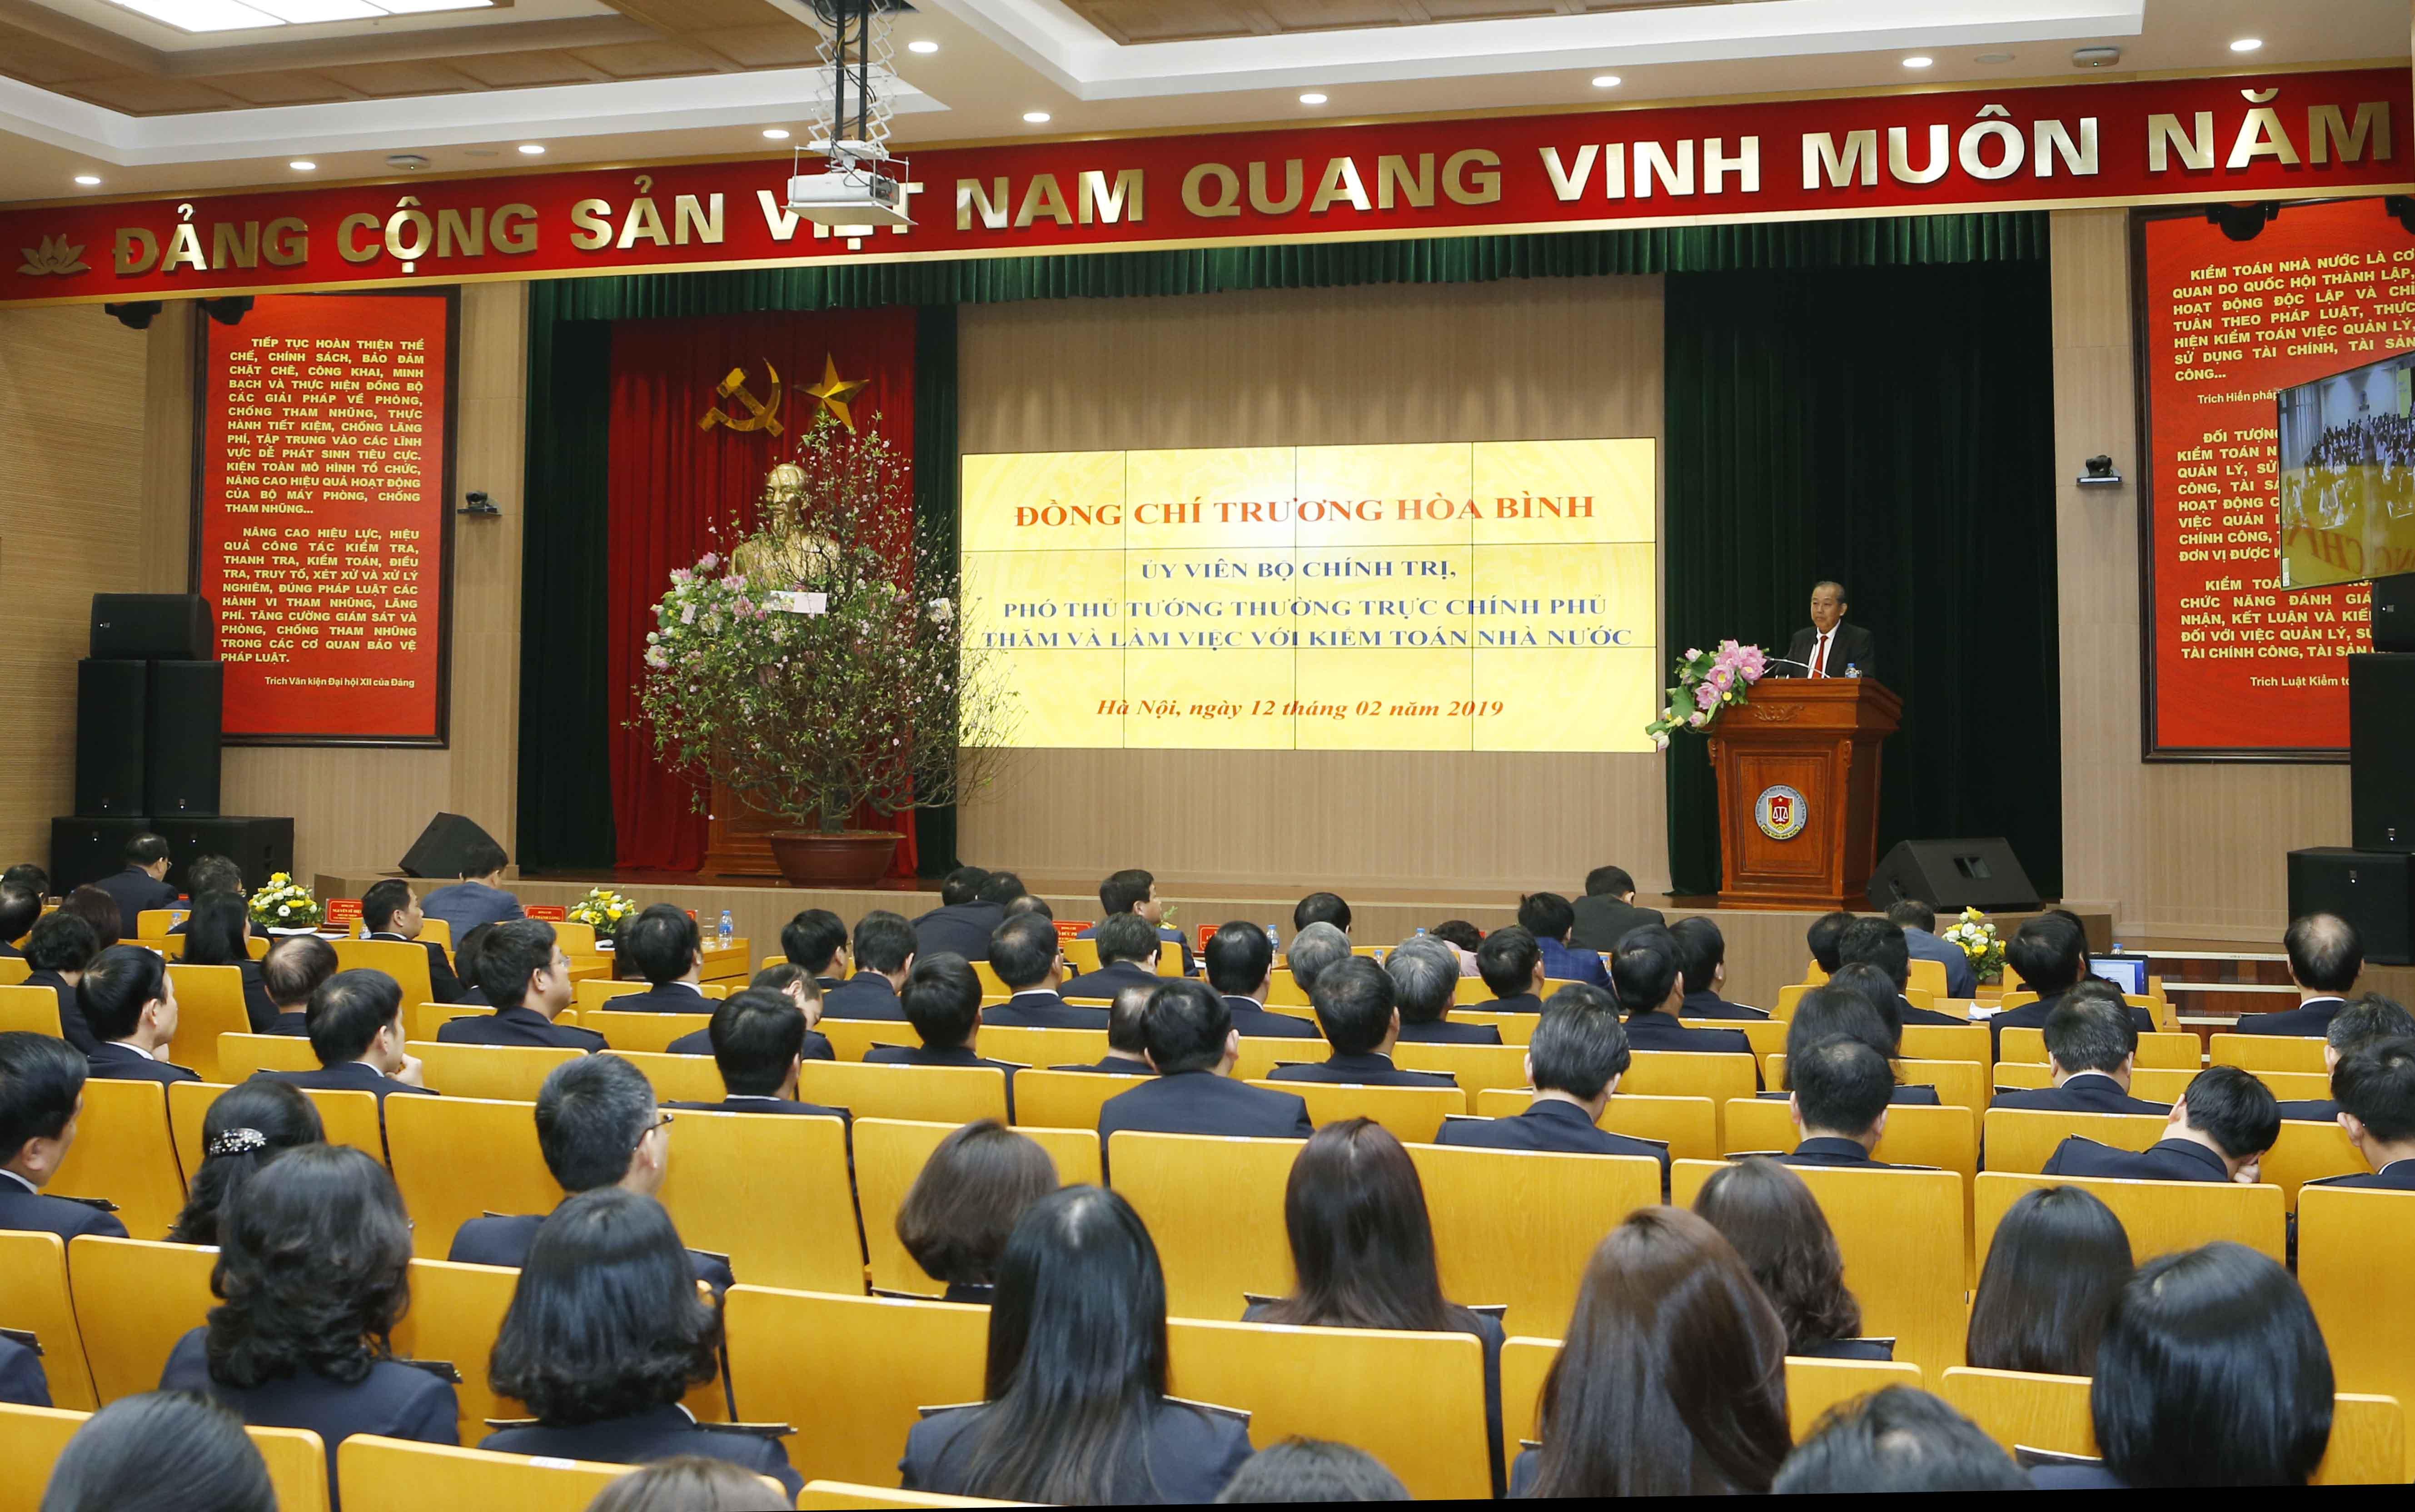 Phó Thủ tướng Trương Hòa Bình thăm và chúc Tết Kiểm toán Nhà nước Ảnh 2